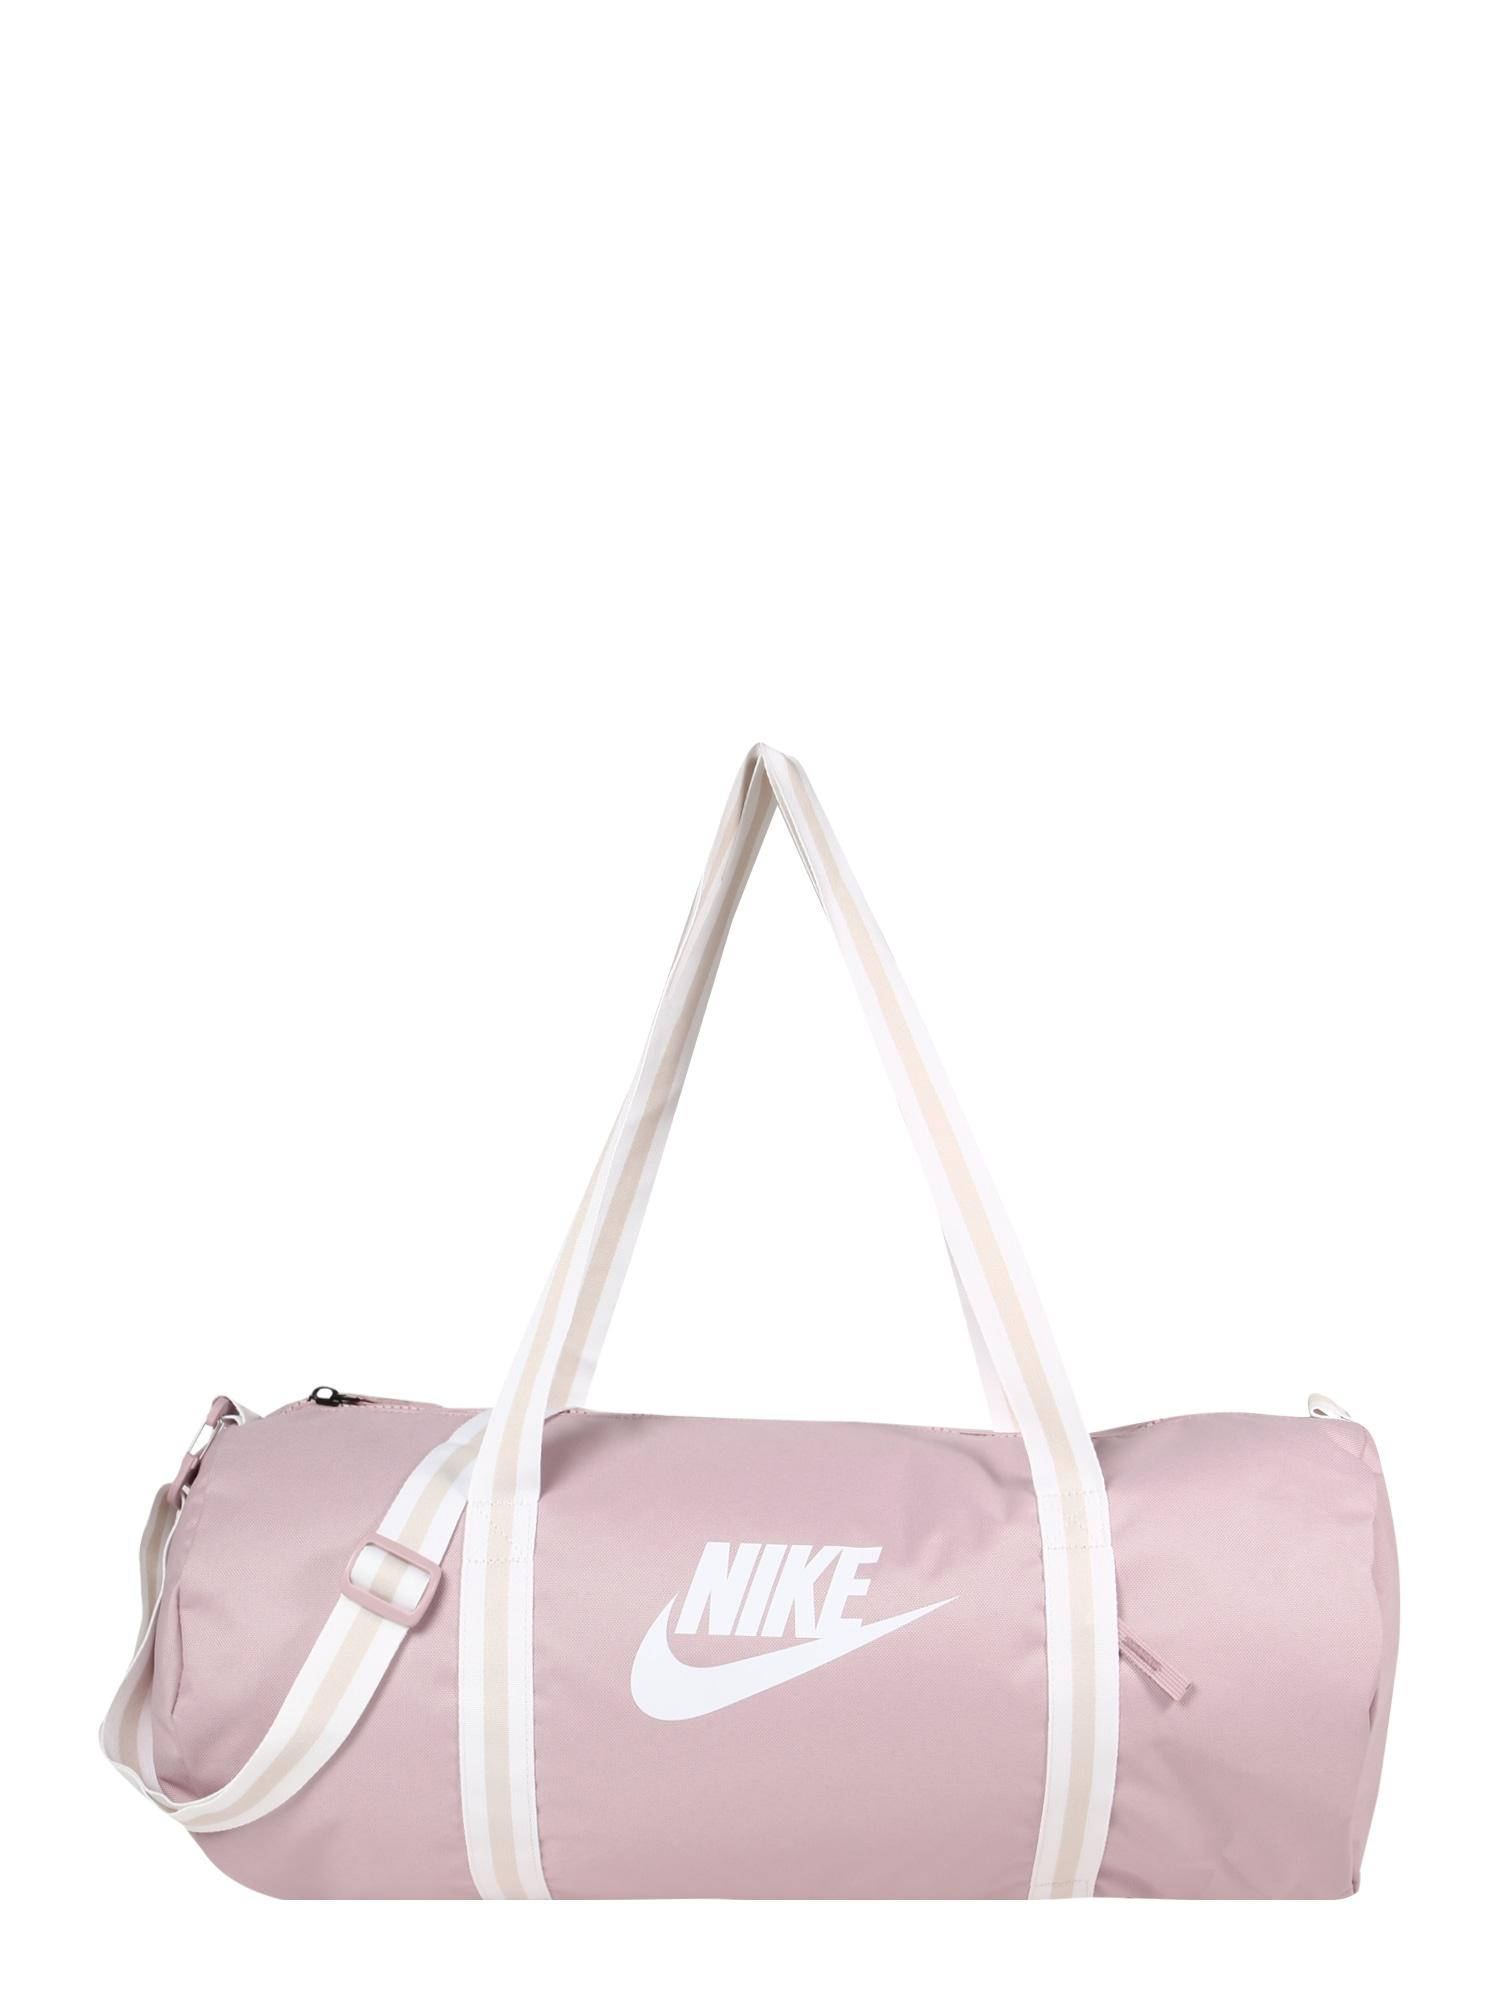 Nike Sportswear Kelioninis krepšys 'Heritage' balta / rožių spalva